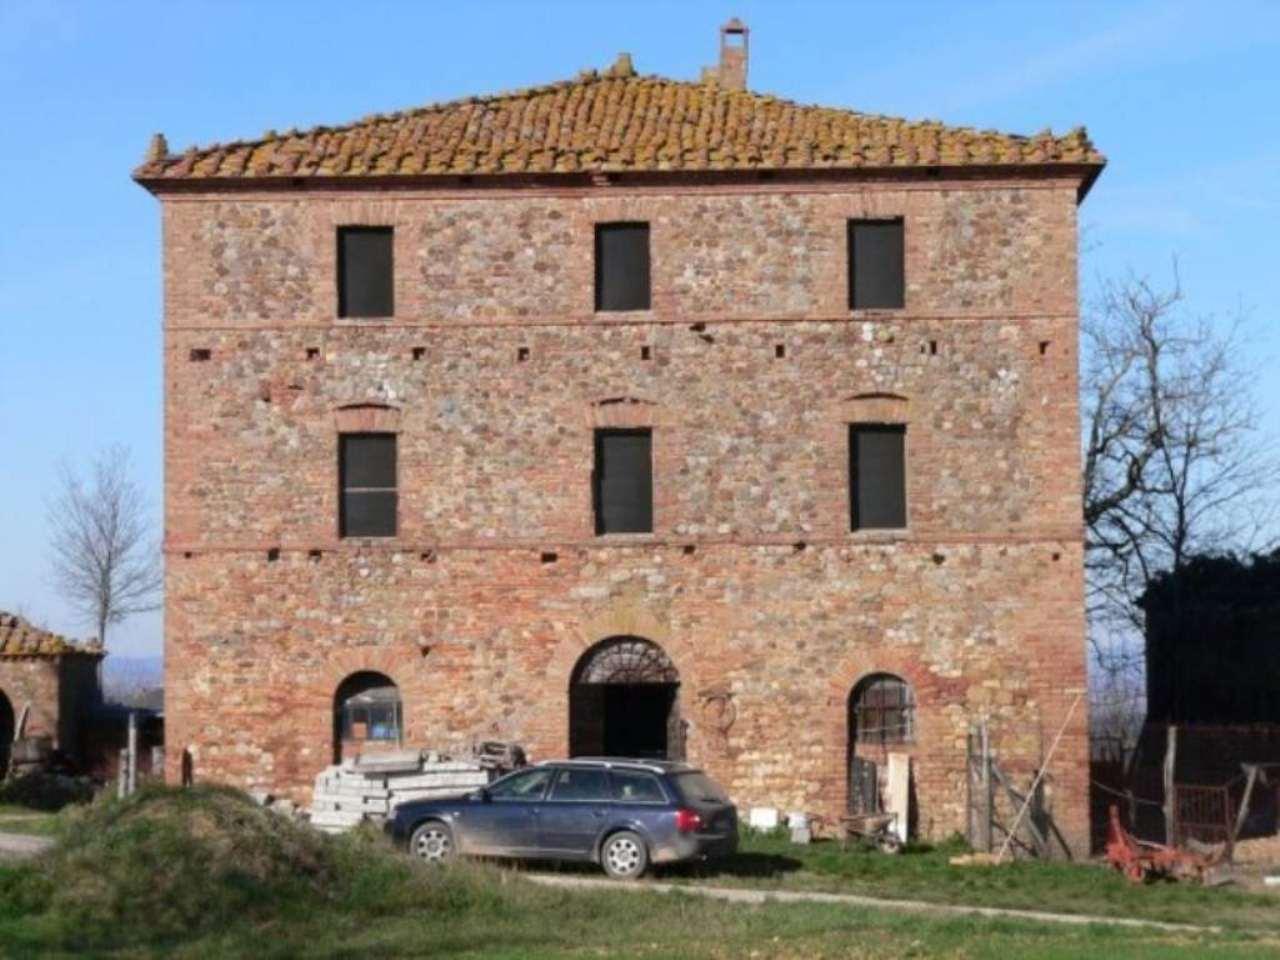 Rustico / Casale in vendita a Città della Pieve, 9999 locali, prezzo € 680.000 | Cambio Casa.it